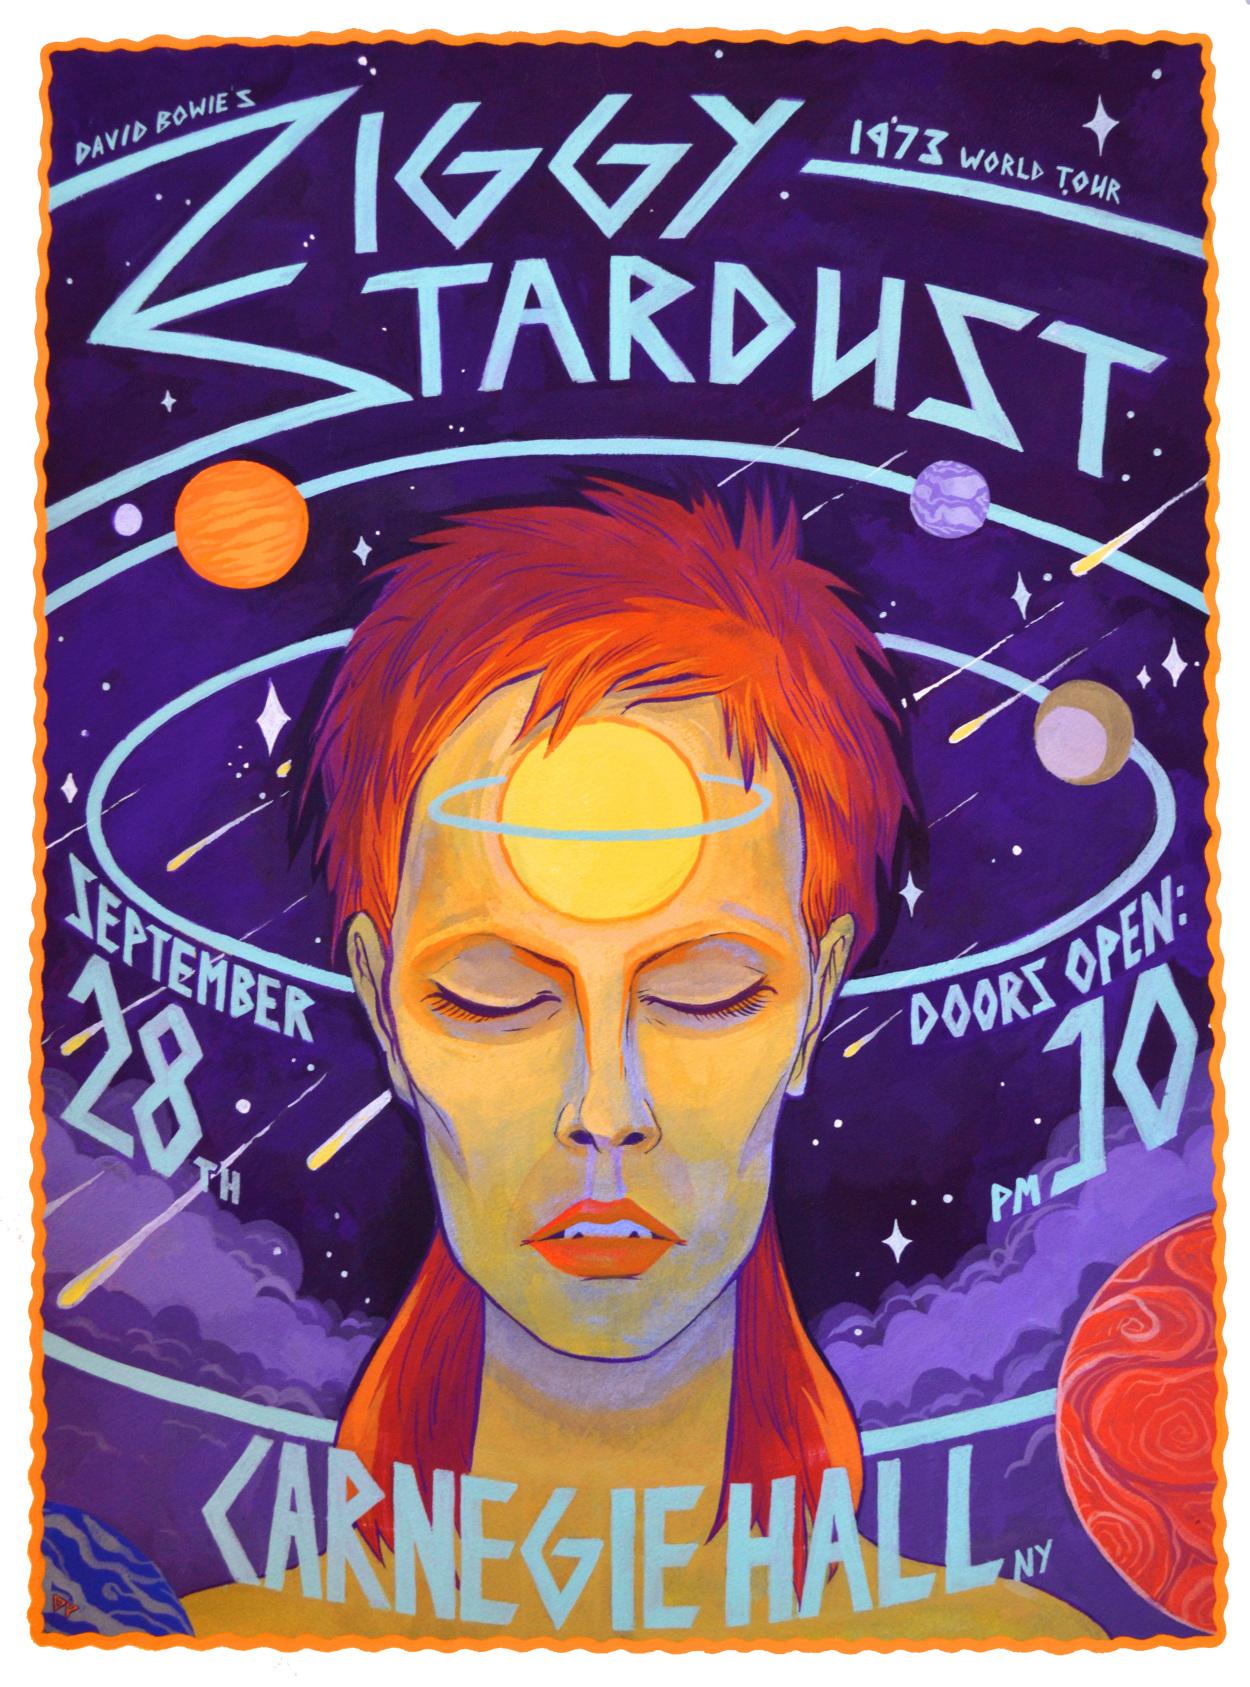 David Bowie Ziggy Stardust Tour David Bowie's Ziggy Stardust